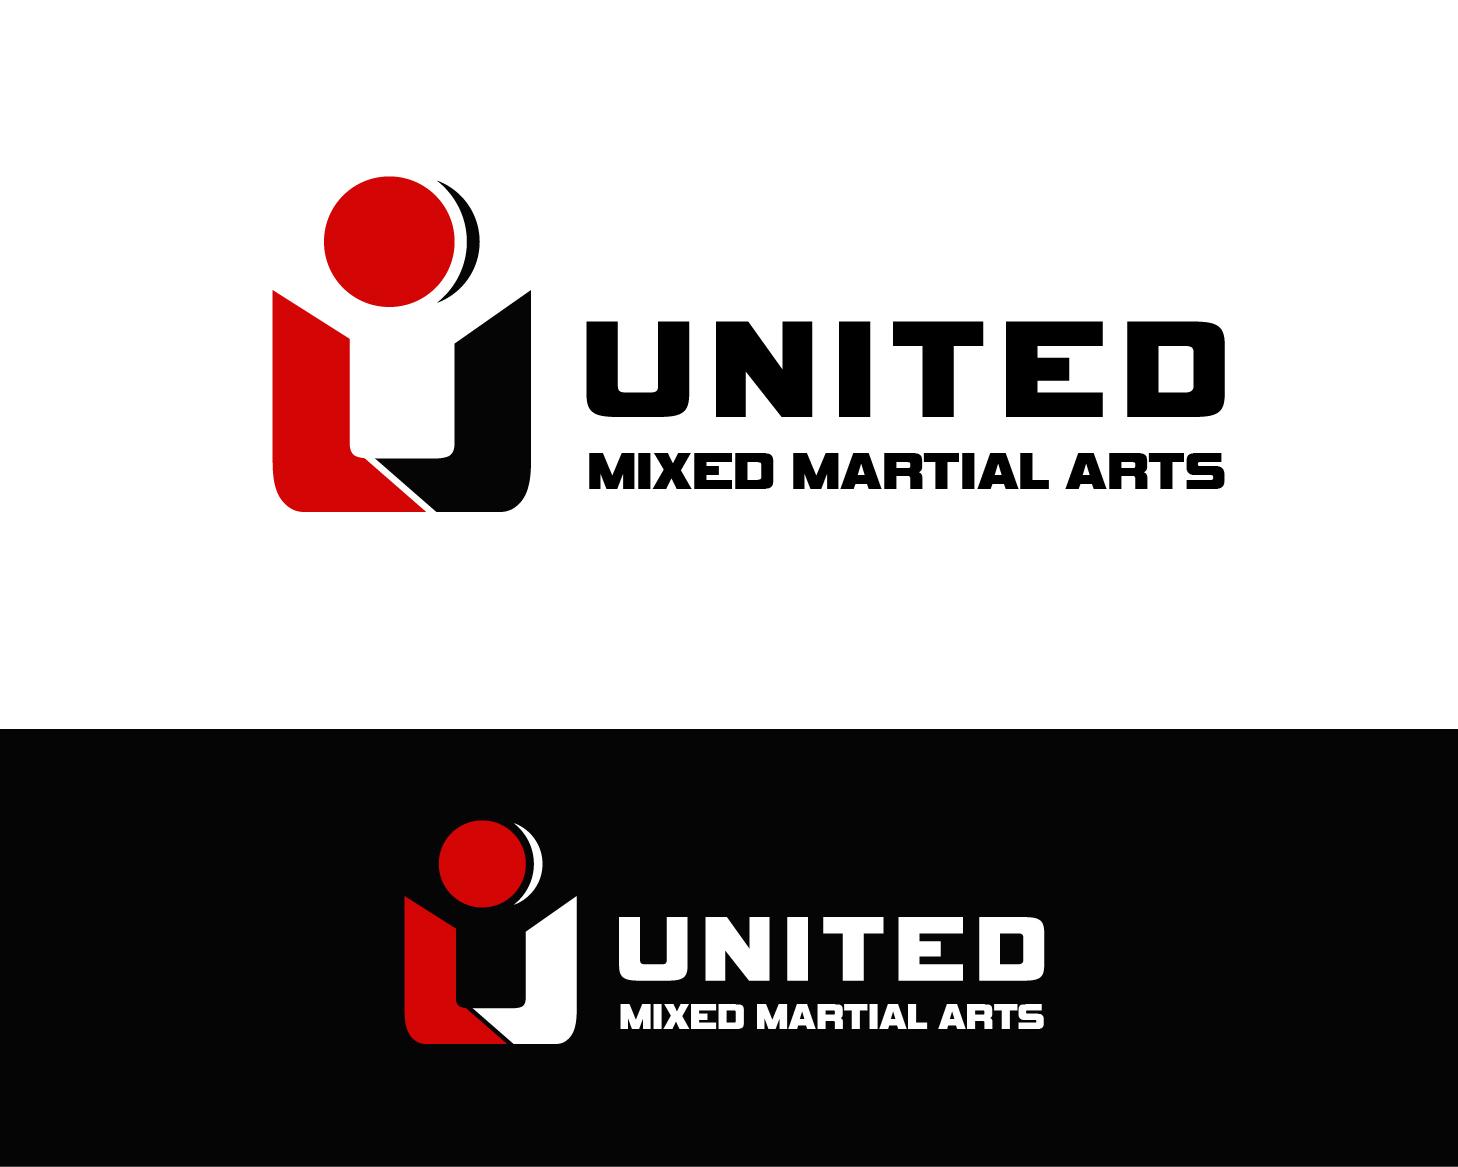 Logo Design by Allan Esclamado - Entry No. 91 in the Logo Design Contest Artistic Logo Design for United Mixed Martial Arts Ltd..